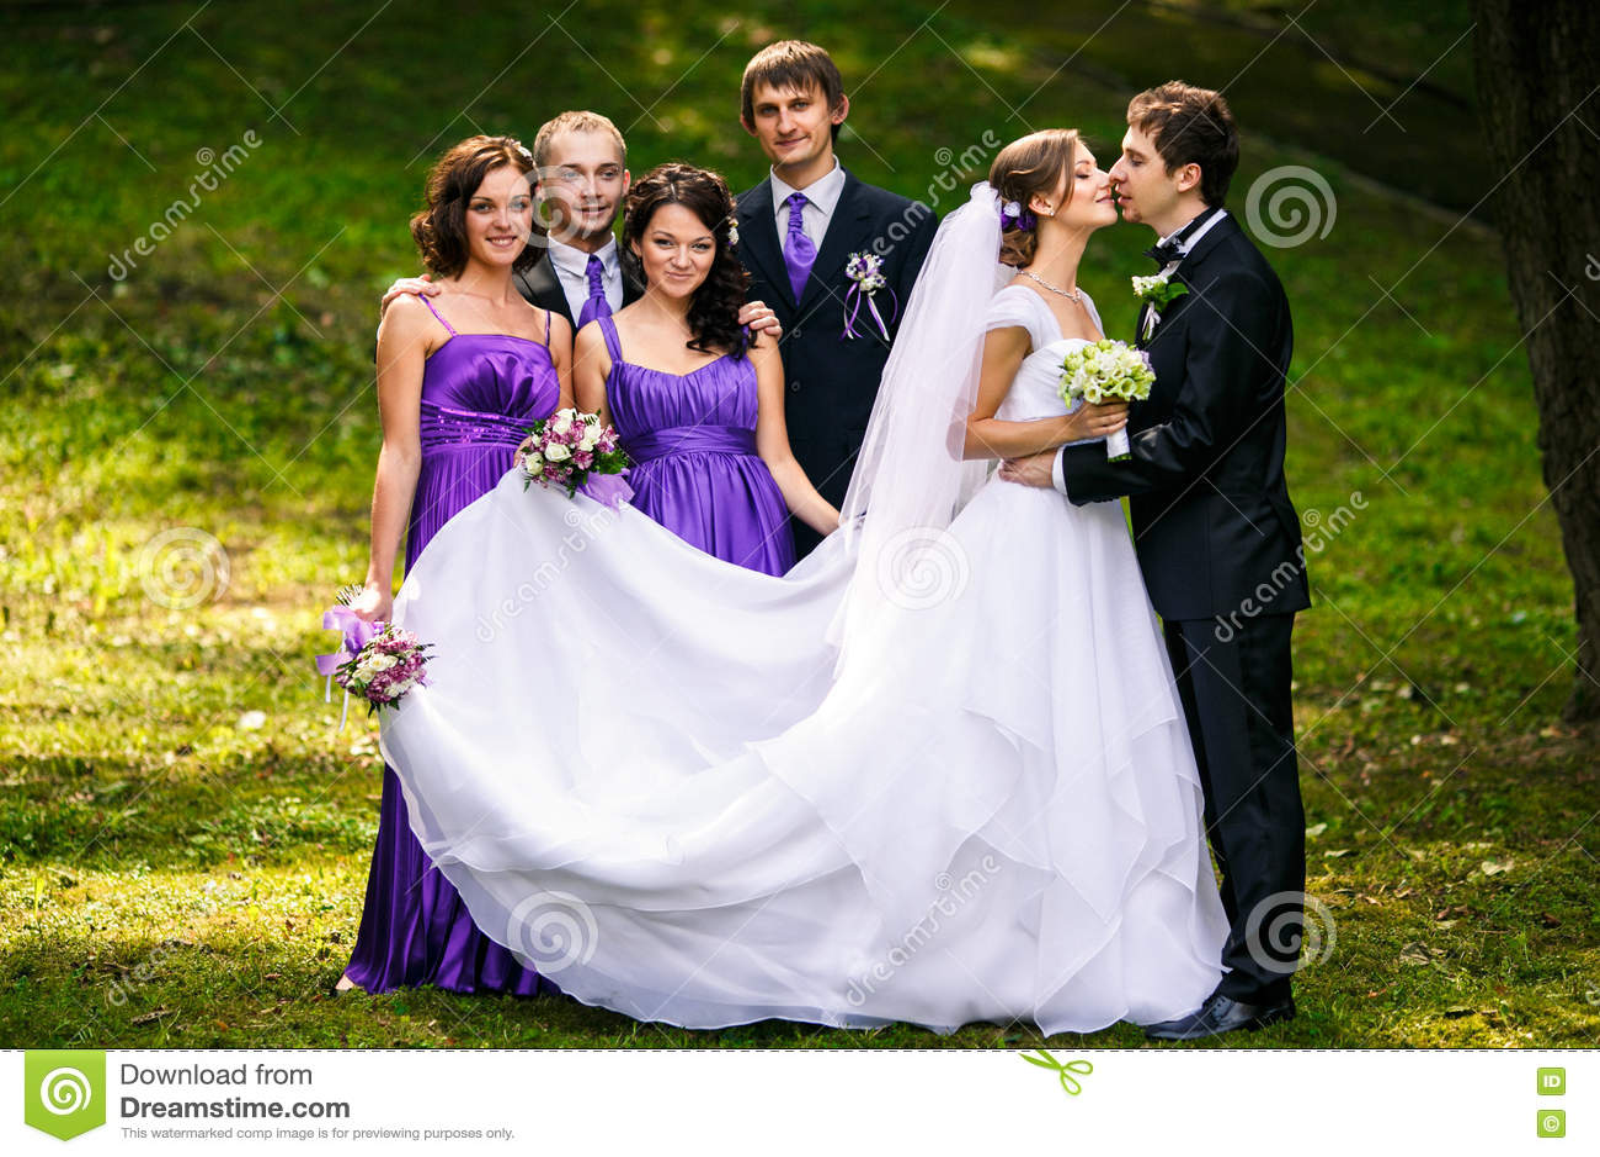 Lo sposo bacia una sposa mentre i suoi amici fa smorfie dietro lui